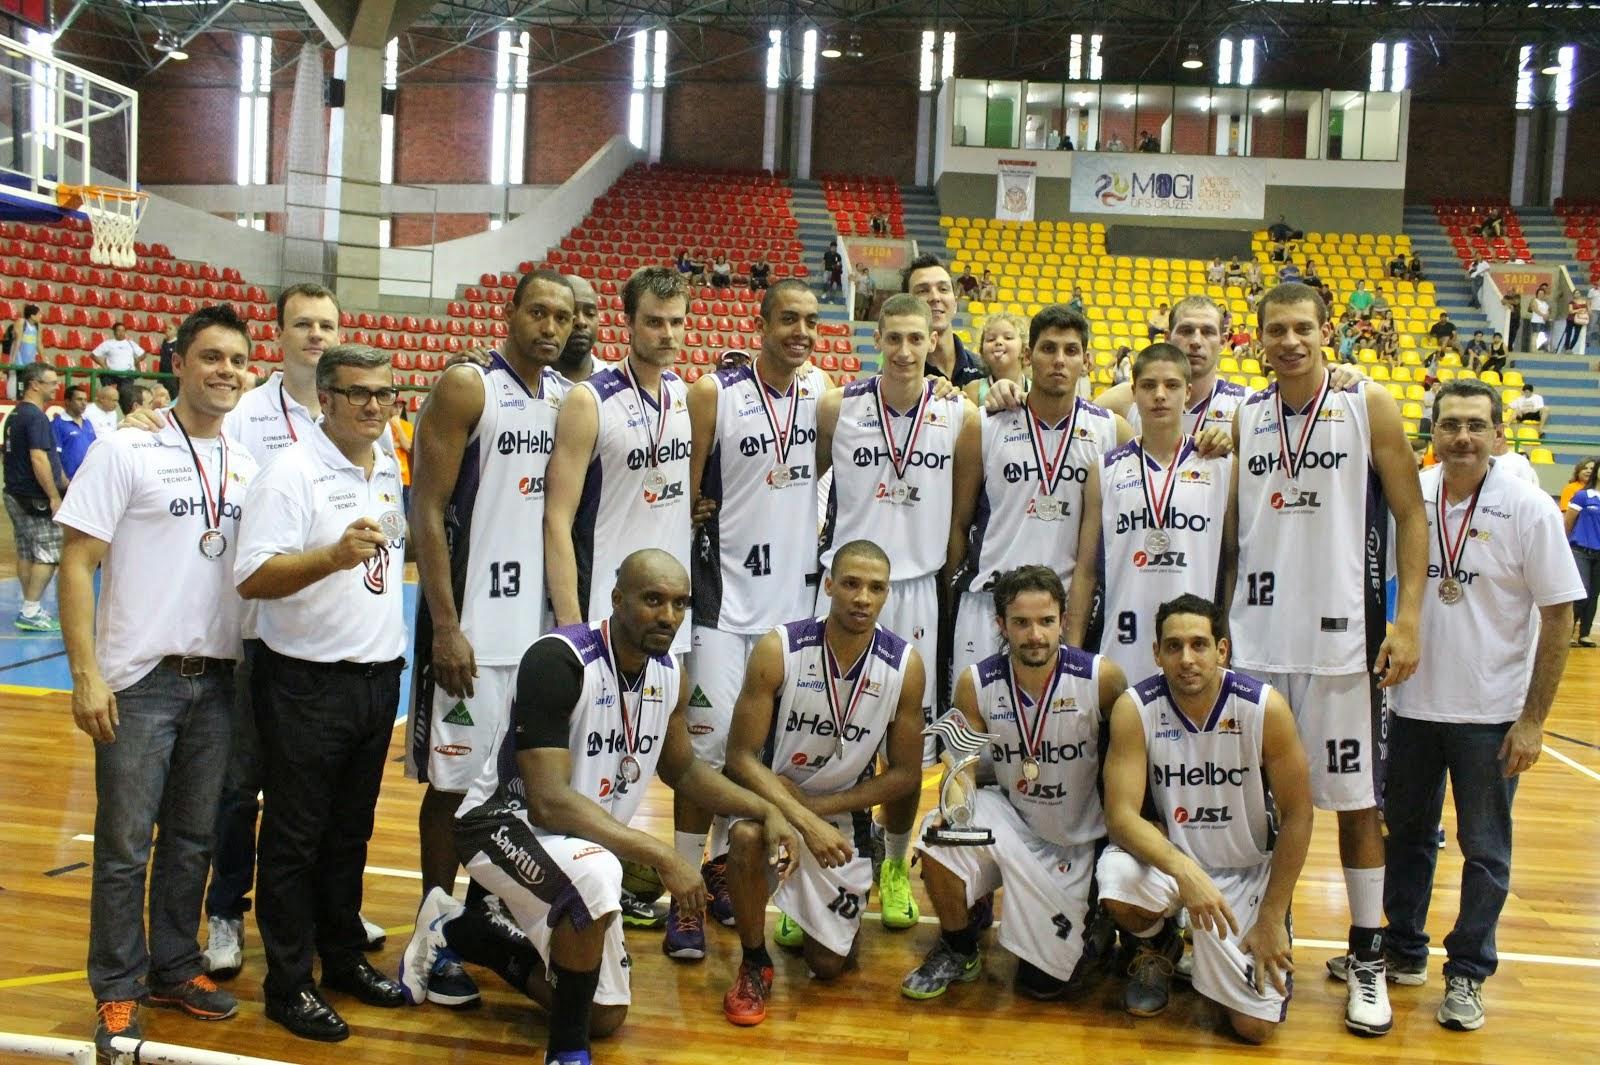 Jogos Abertos. Brasil 2013. Medalla de Plata